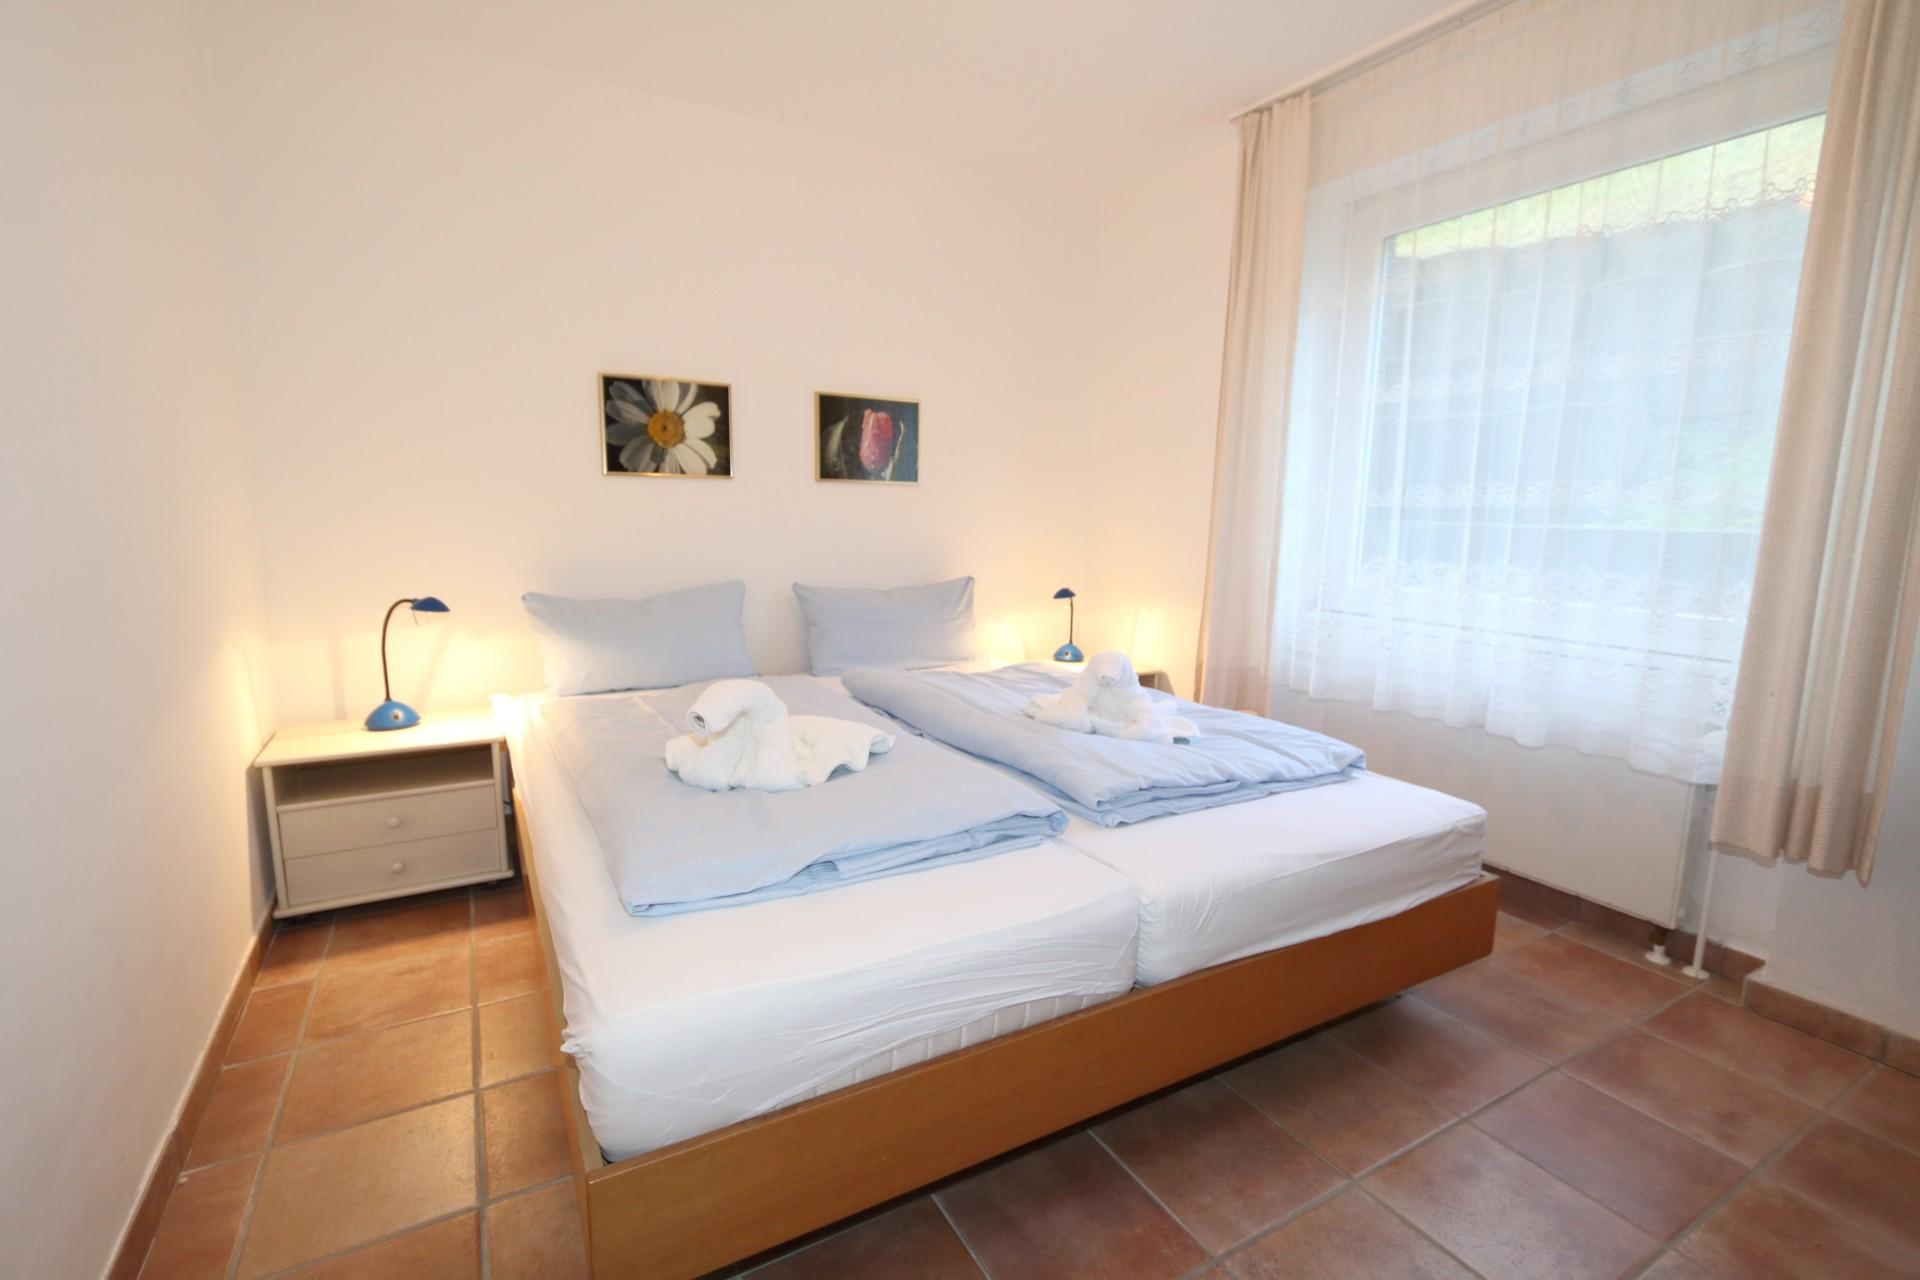 ferienwohnung haus c cilia ahrend wenningstedt sylt 2 personen haustiere erlaubt. Black Bedroom Furniture Sets. Home Design Ideas